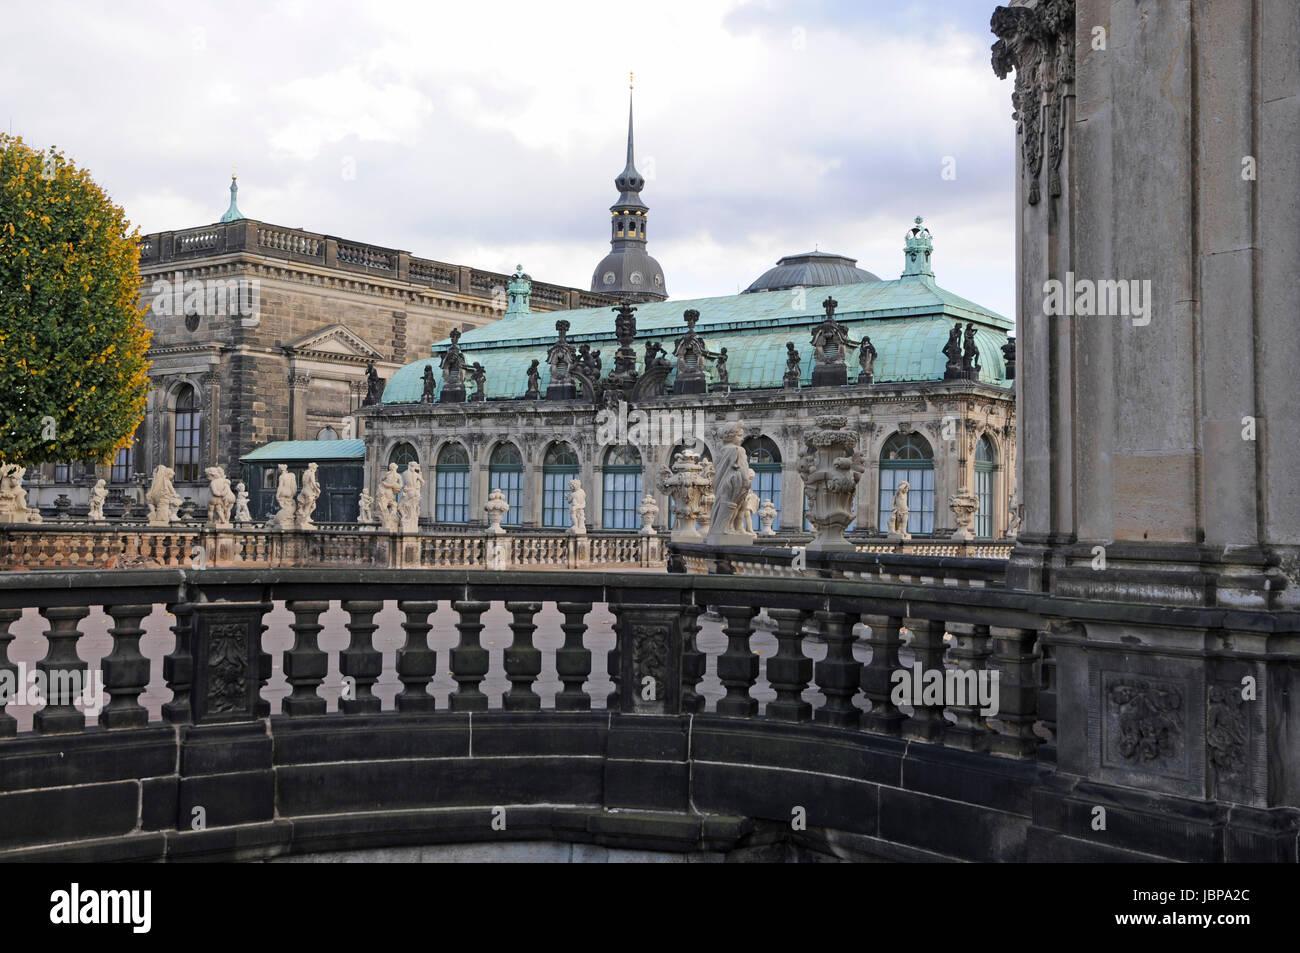 Zwinger dresden dresdner zwinger sachsen barock festung stock photo 144935012 alamy - Dresden architektur ...